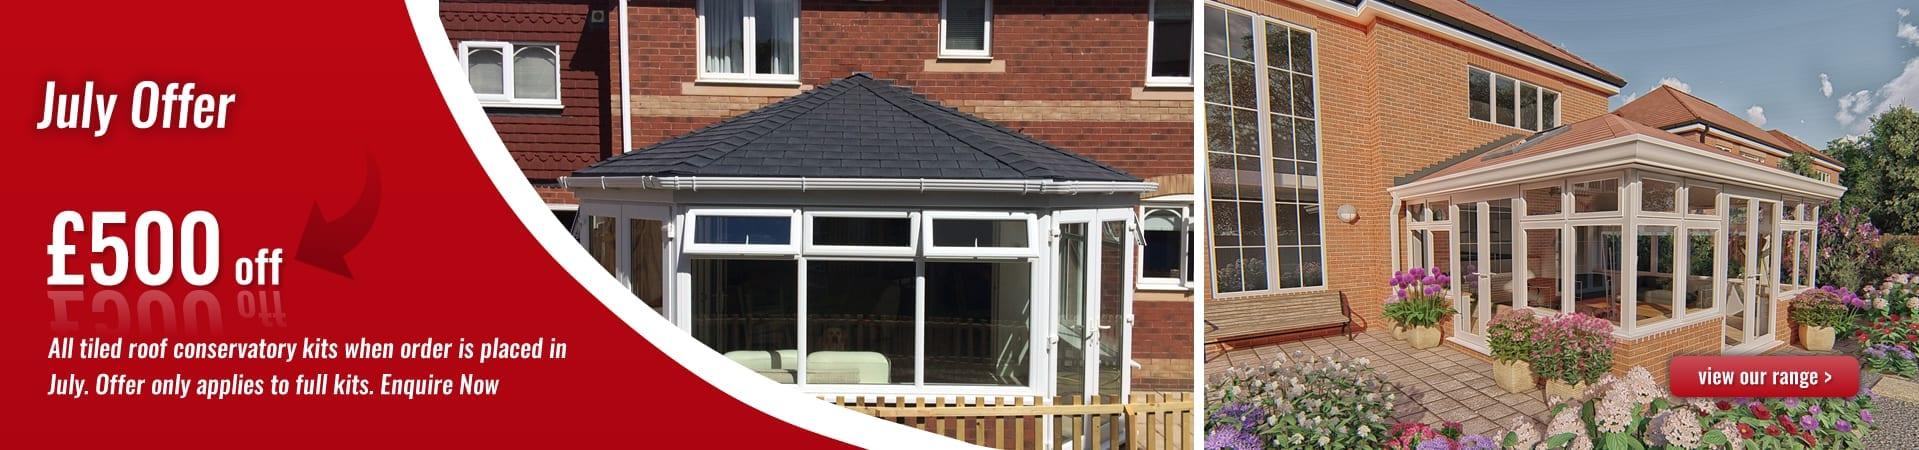 tiled roof conservatories july 2020 offer banner